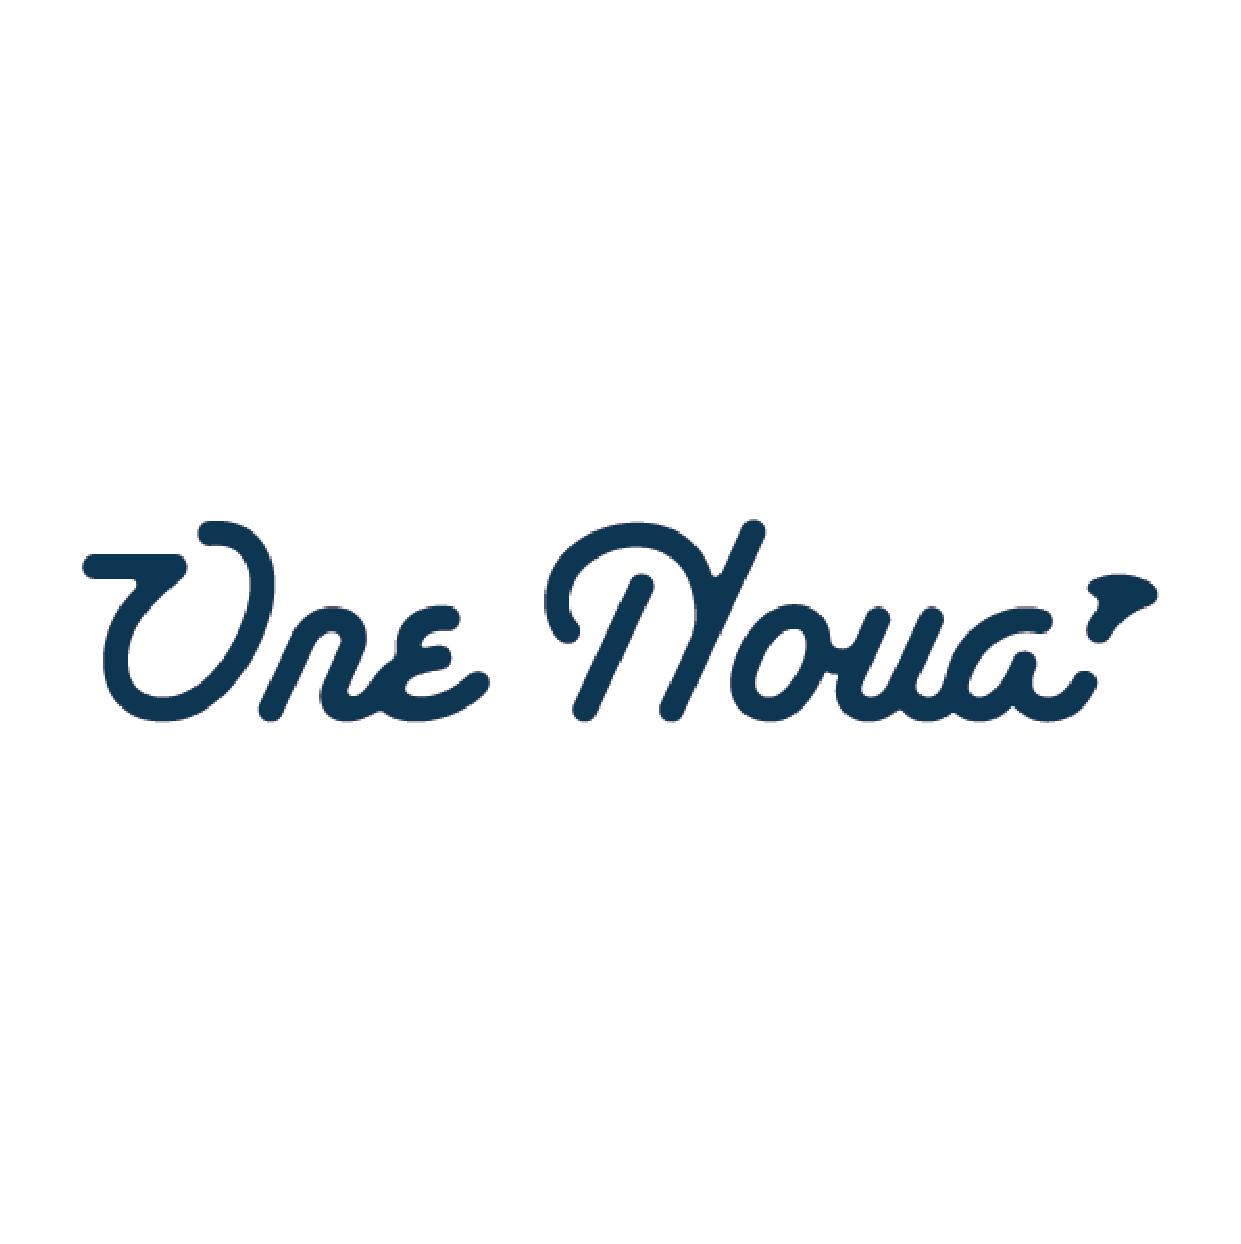 One Nova ロゴ